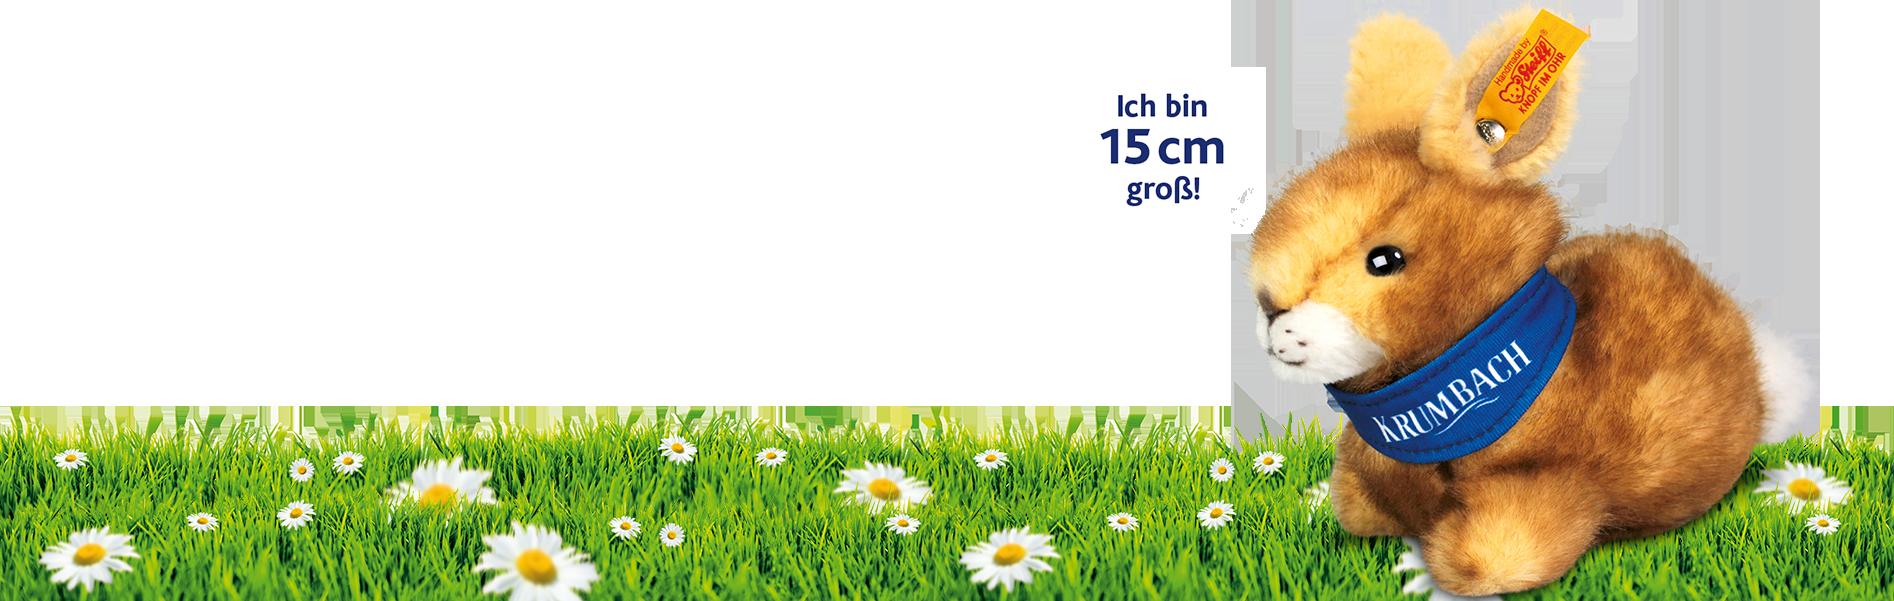 Krumbach Plüsch-Frosch 16cm